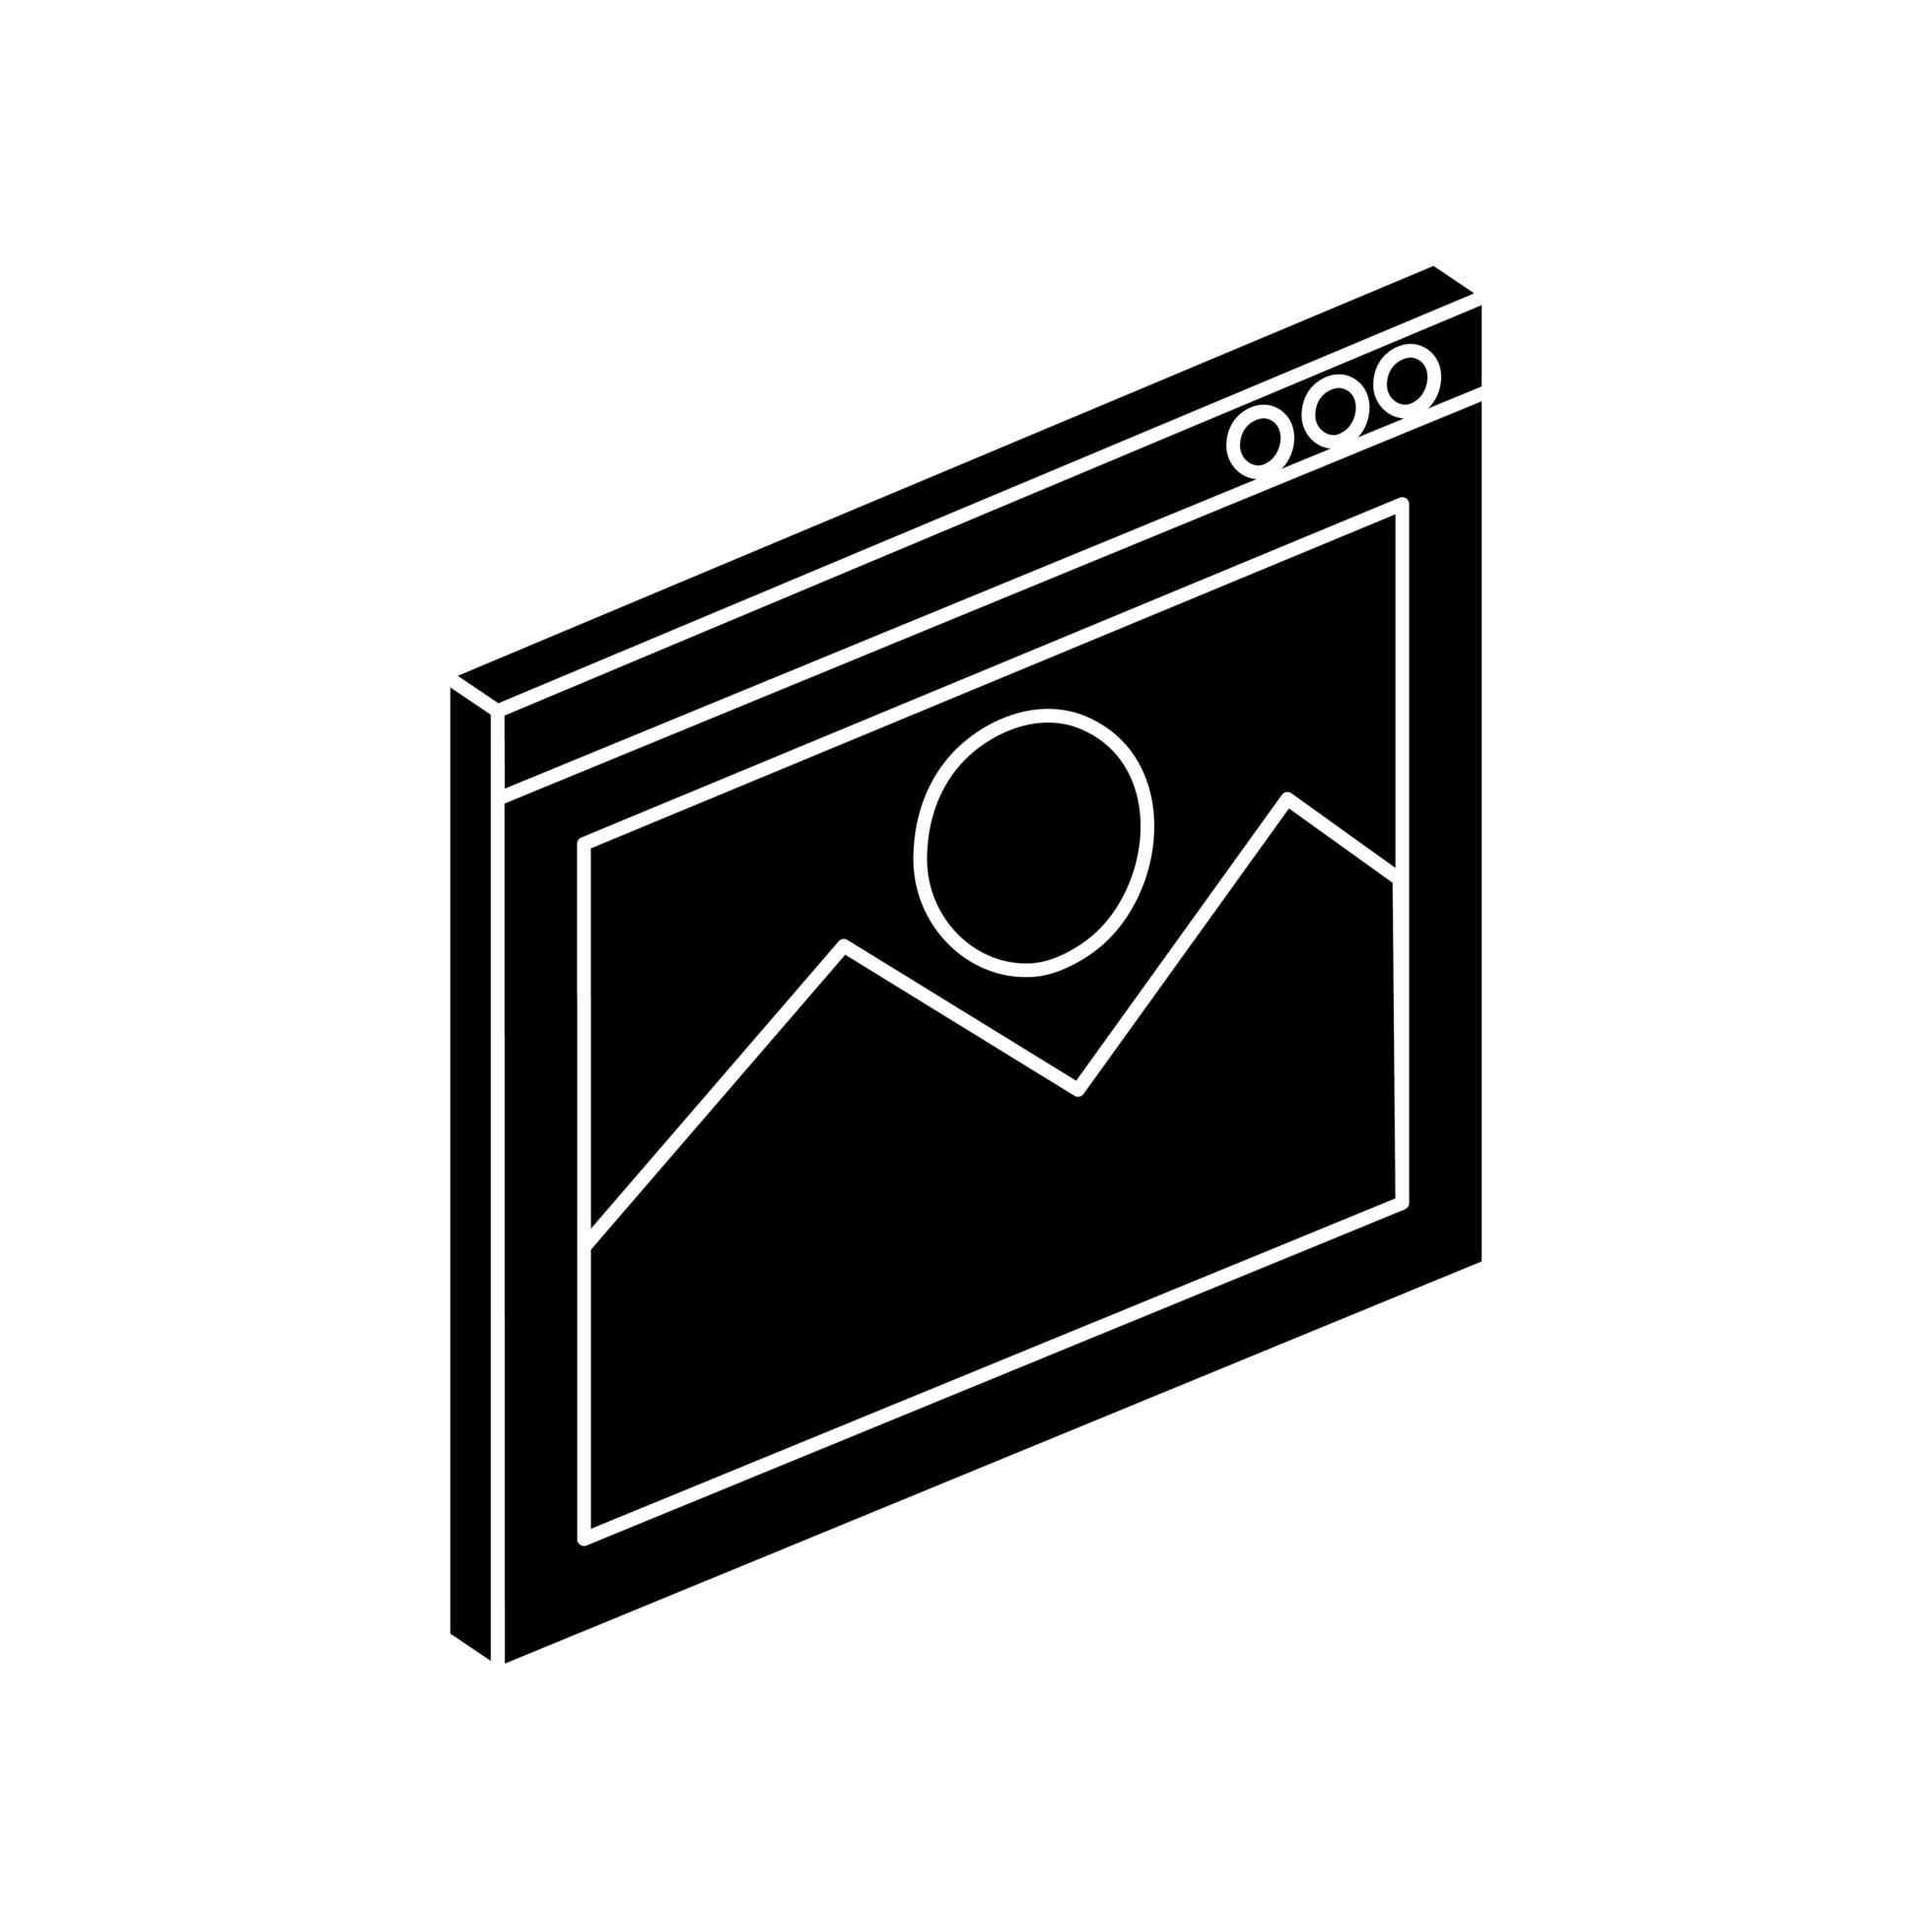 Téléchargez le fichier vectoriel libre de droits